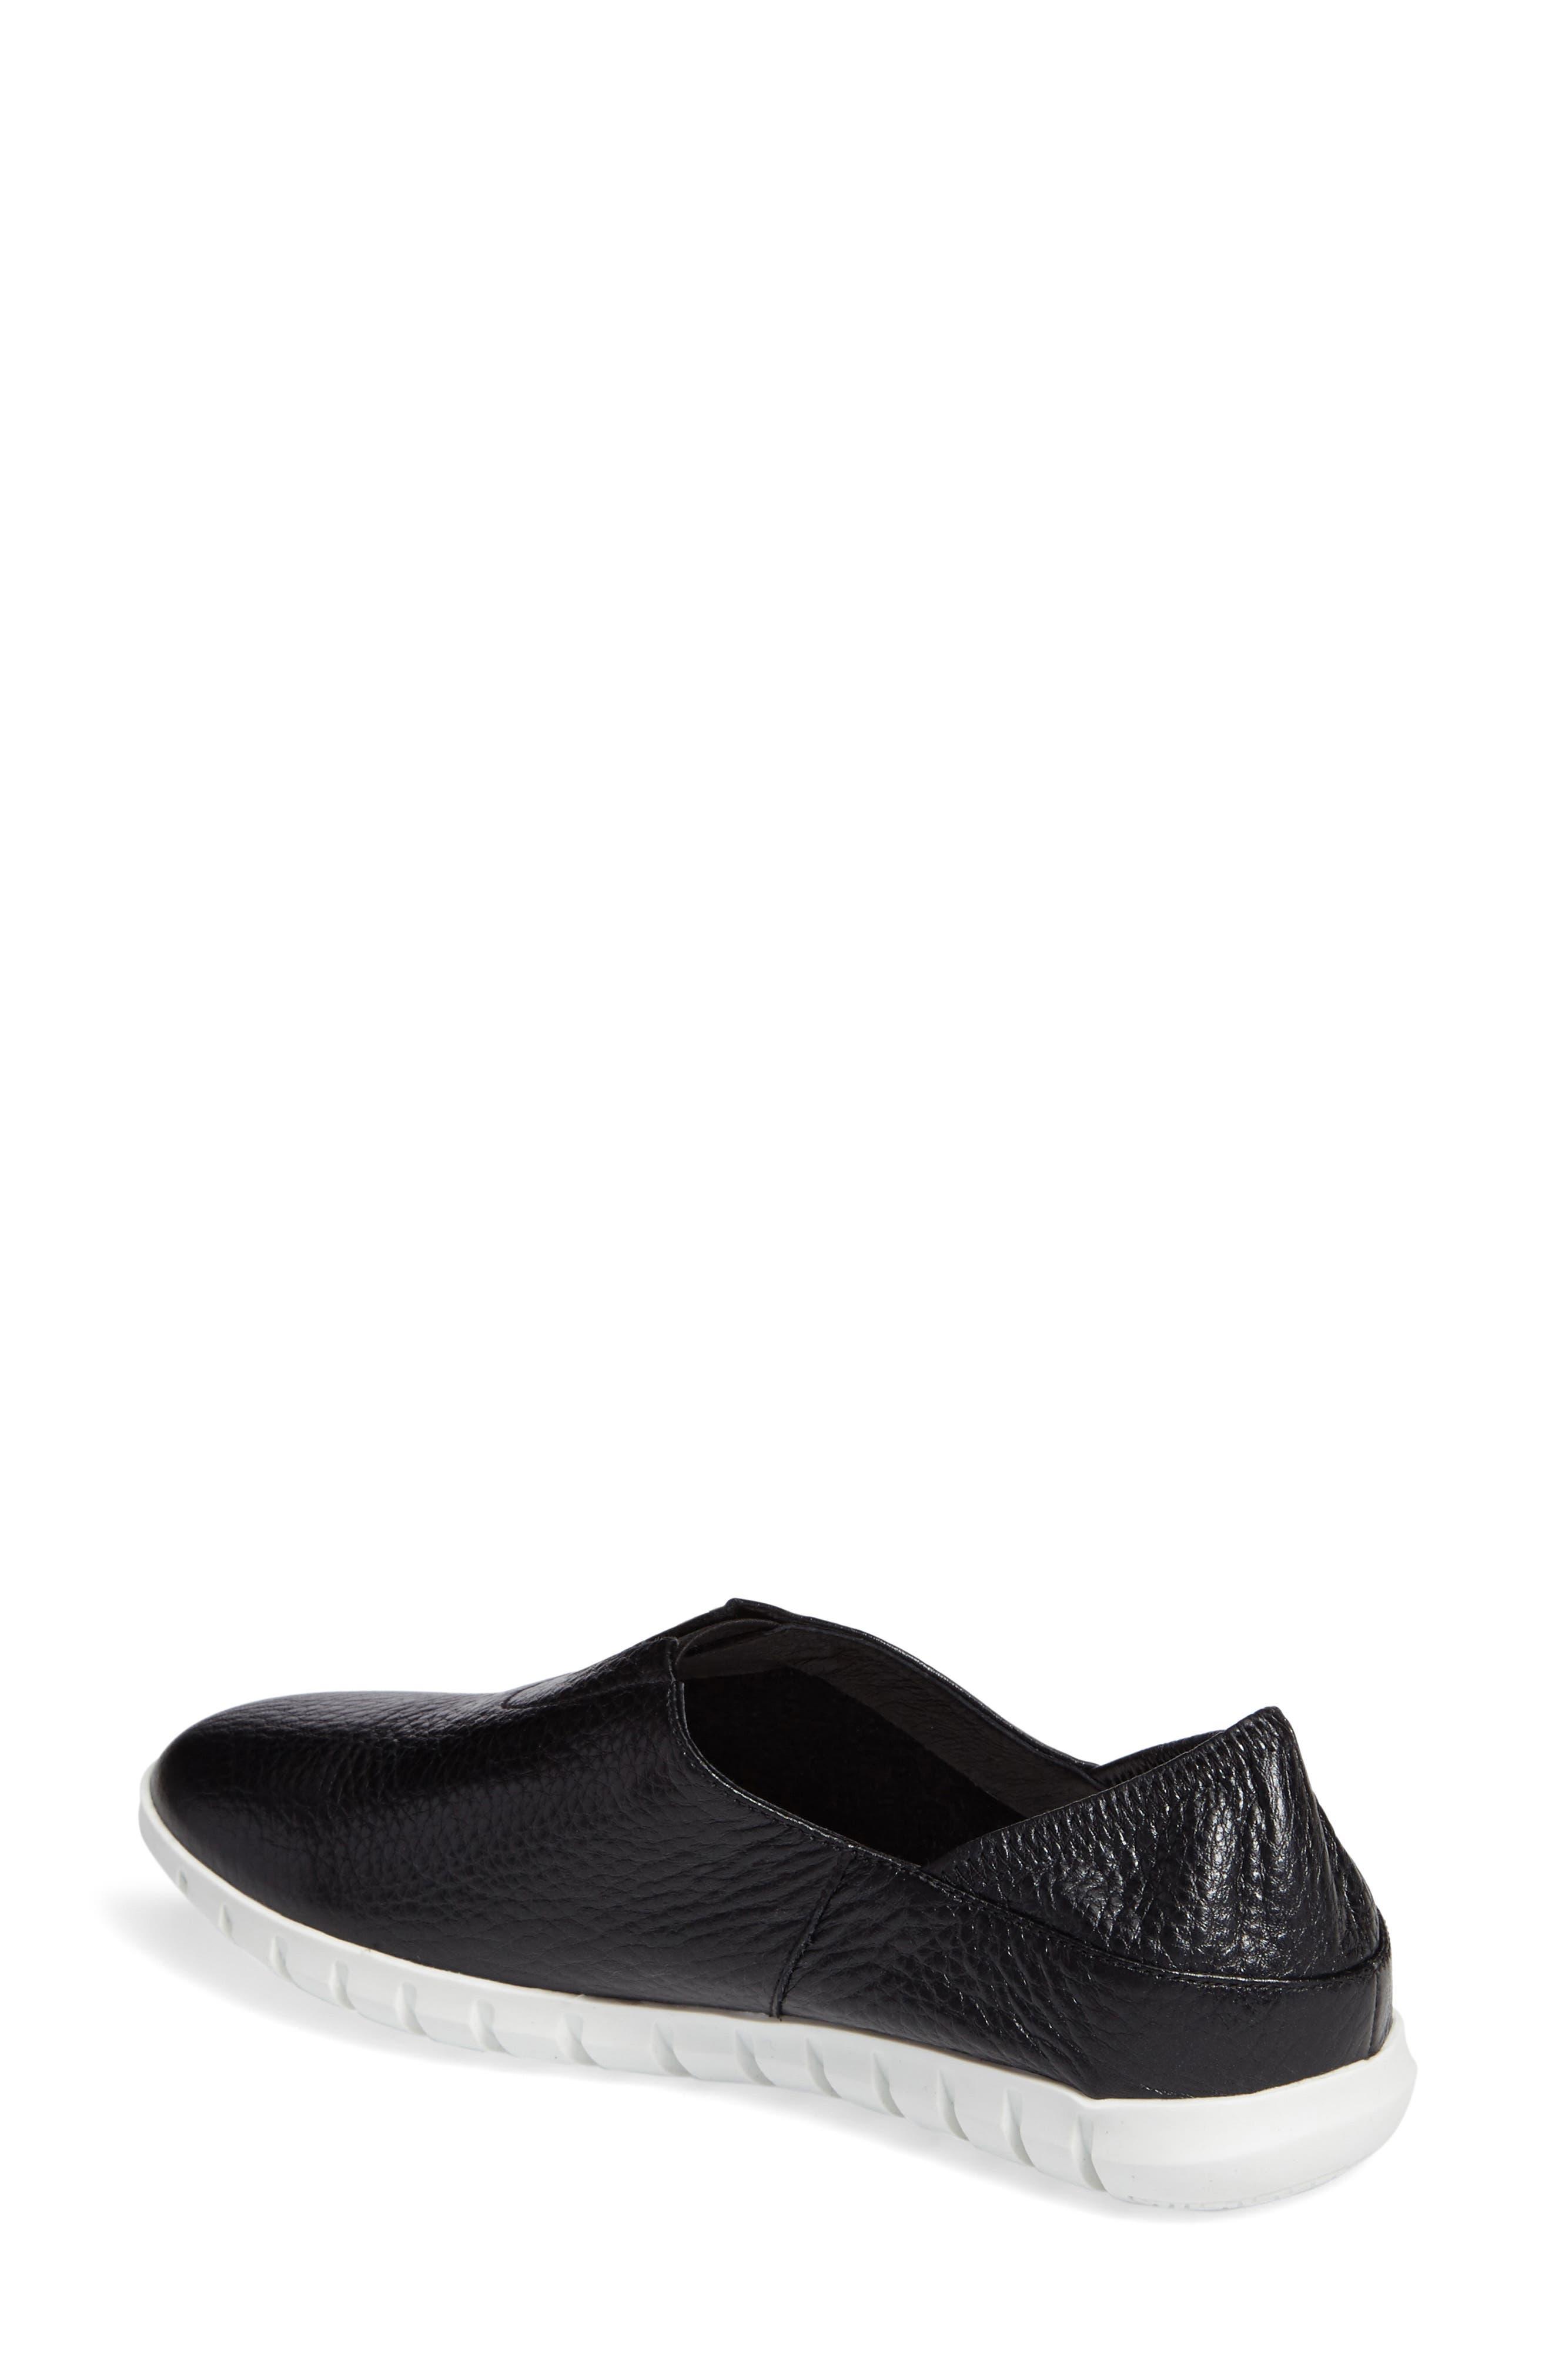 Kim Slip-On Sneaker,                             Alternate thumbnail 2, color,                             Black Leather